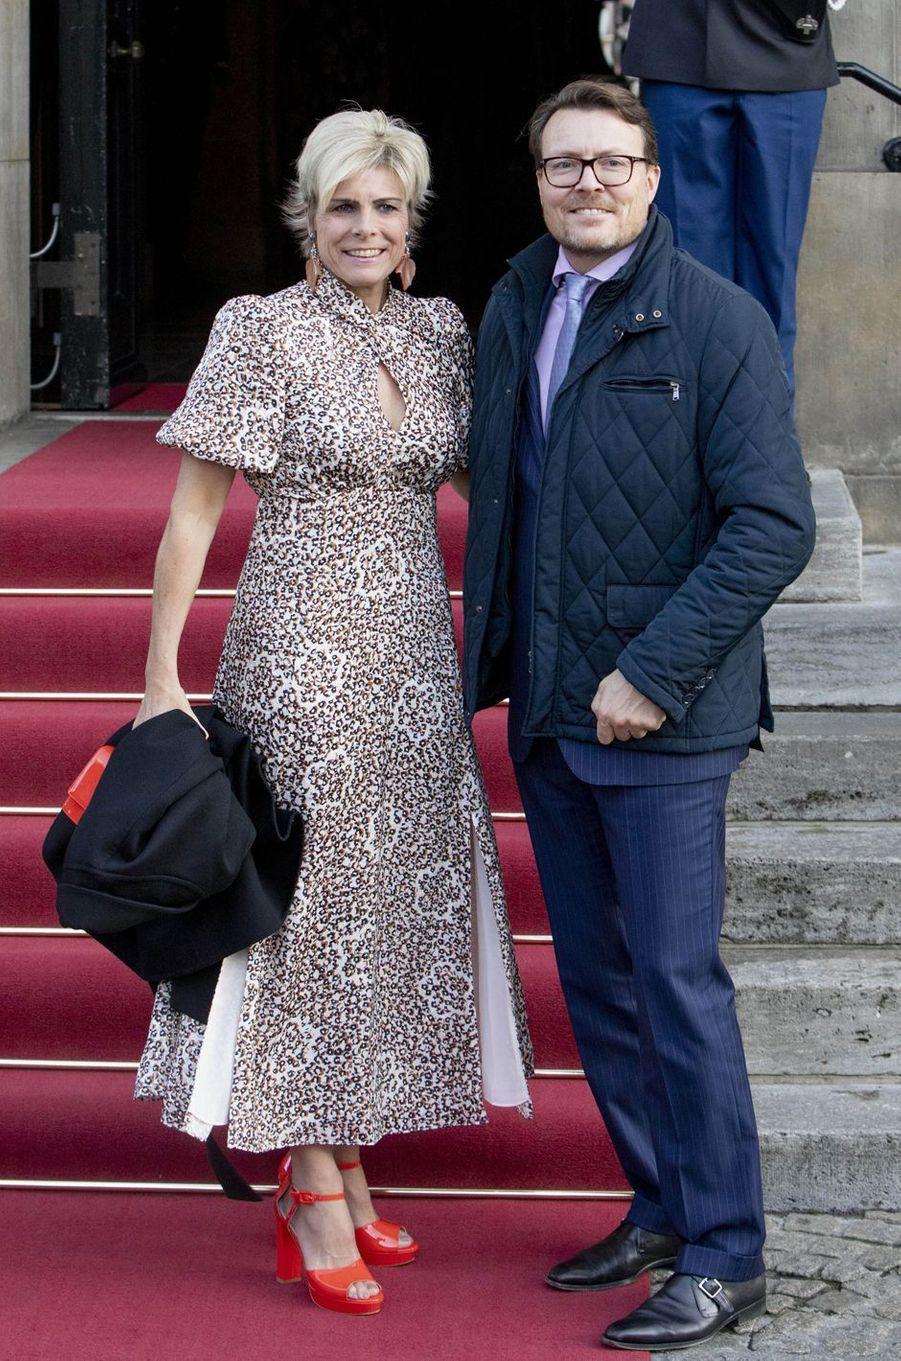 La princesse Laurentien et le prince Constantijn des Pays-Bas à Amsterdam, le 4 décembre 2019